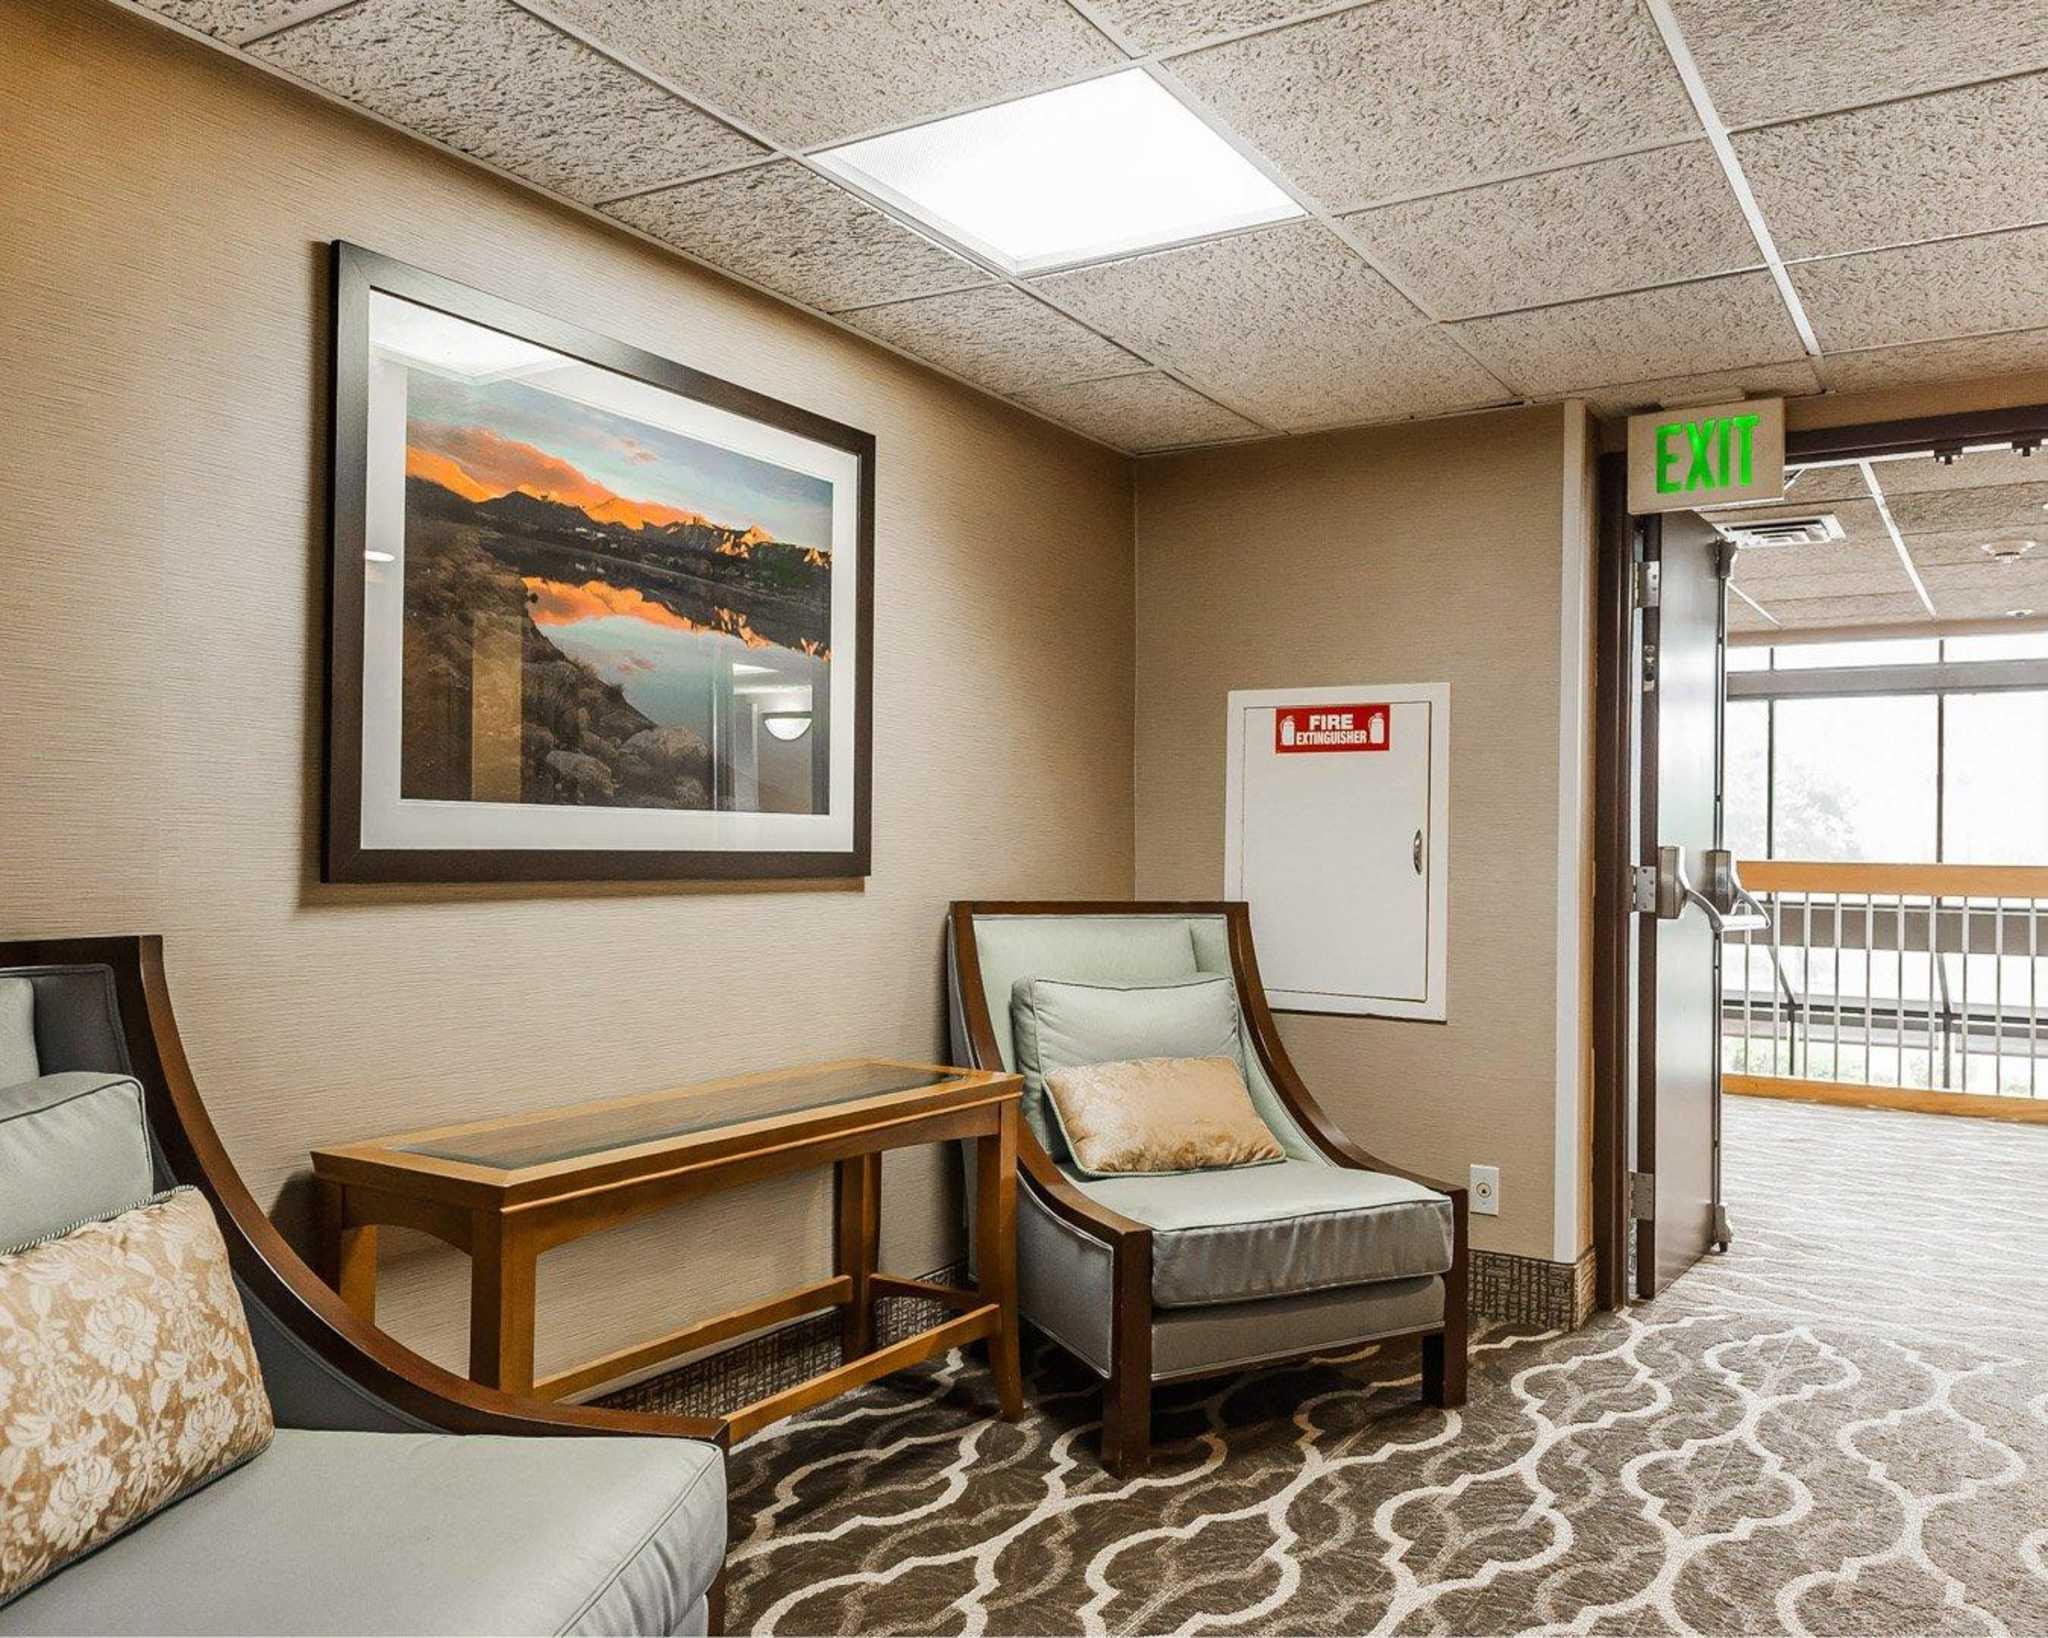 Comfort Inn Denver East image 22